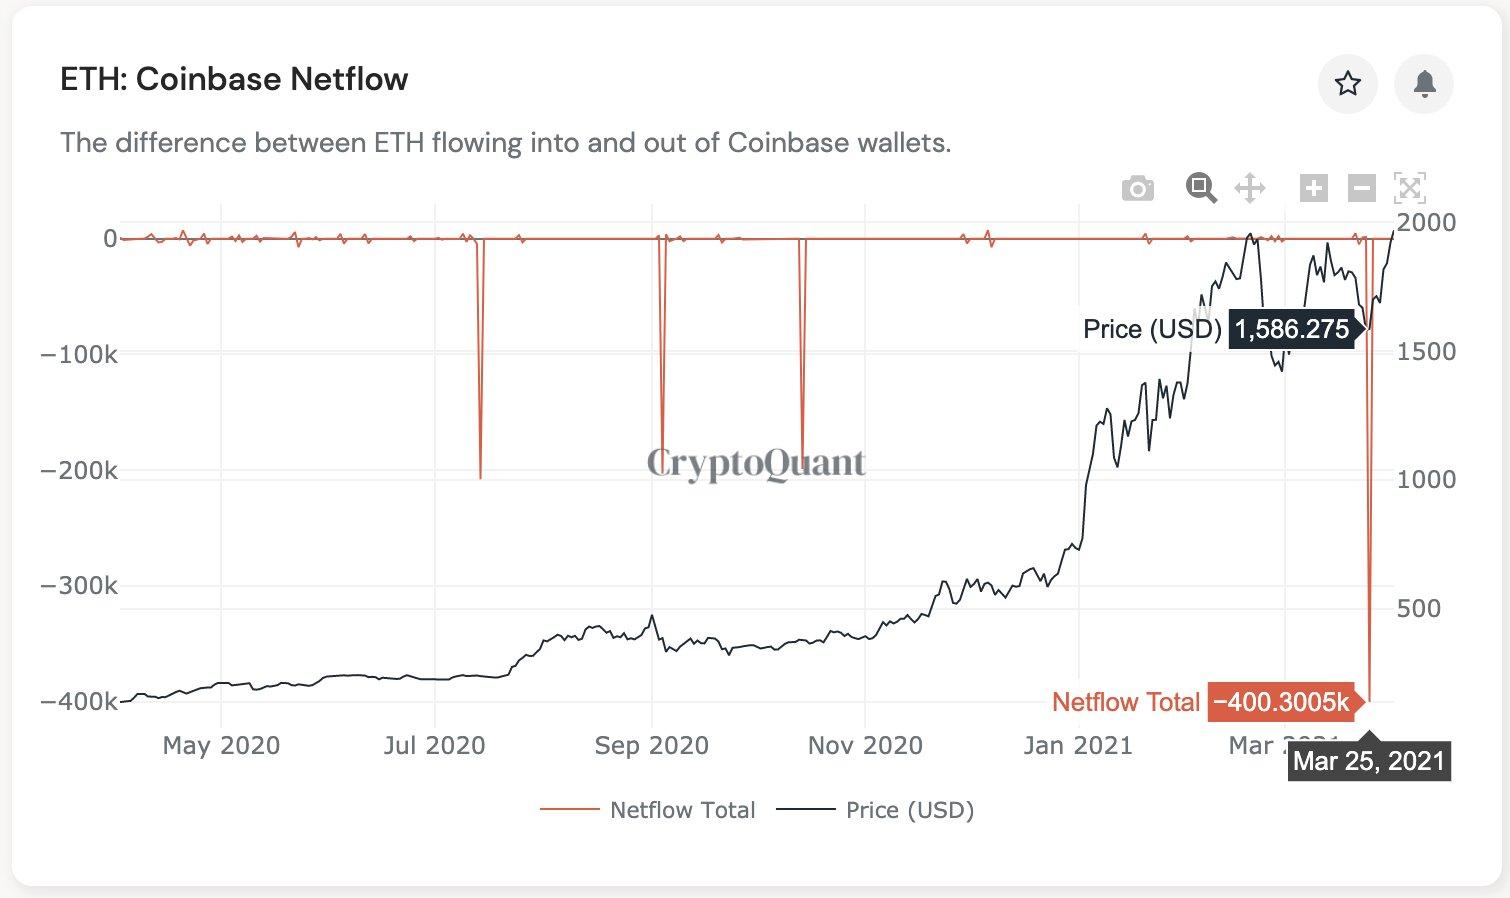 Цена Ethereum поднялась выше $2 000. Этому могли способствовать институционалы